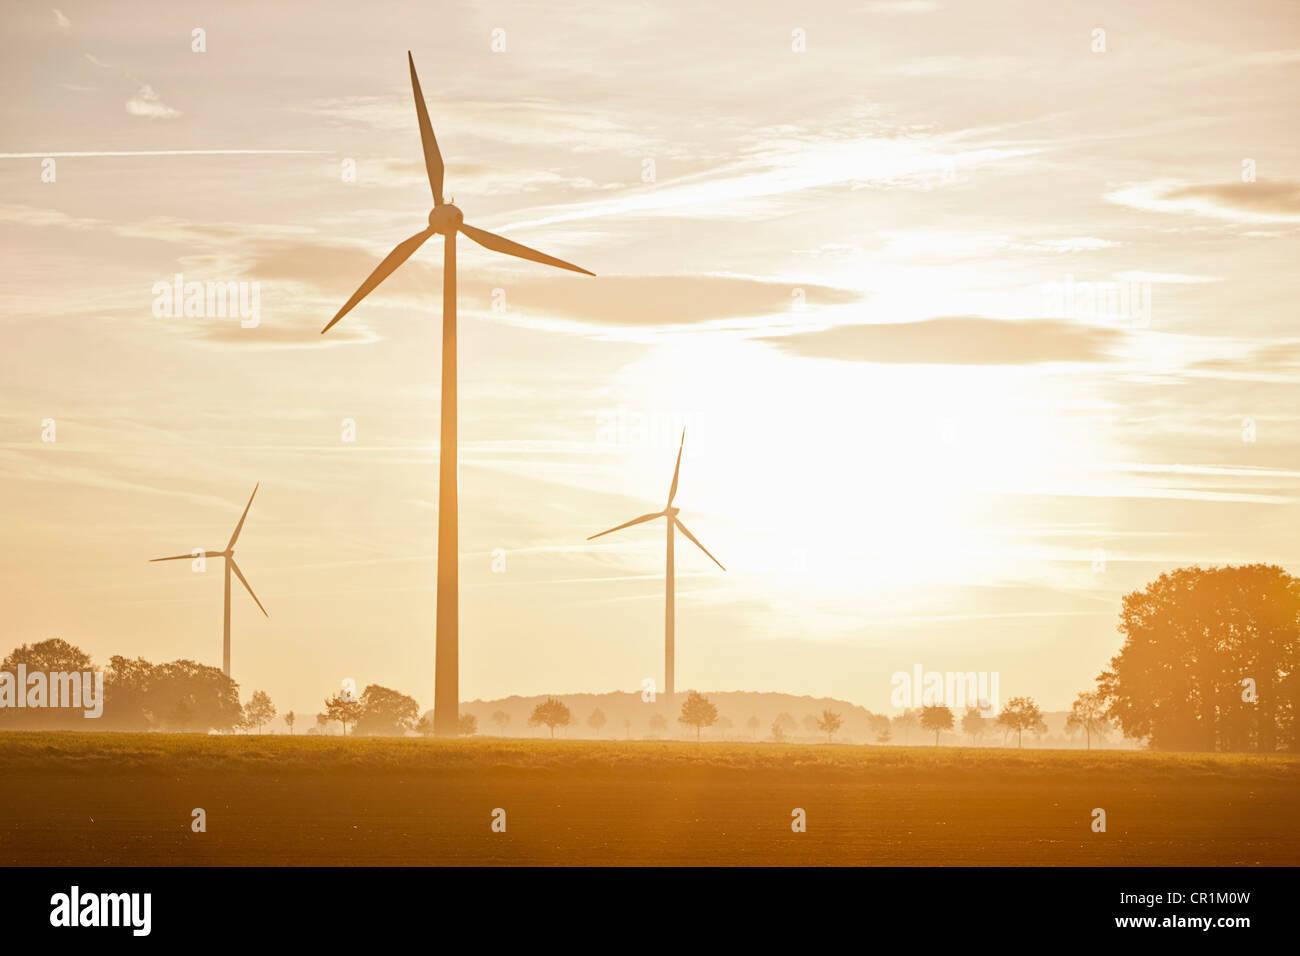 Los aerogeneradores en el paisaje rural Imagen De Stock